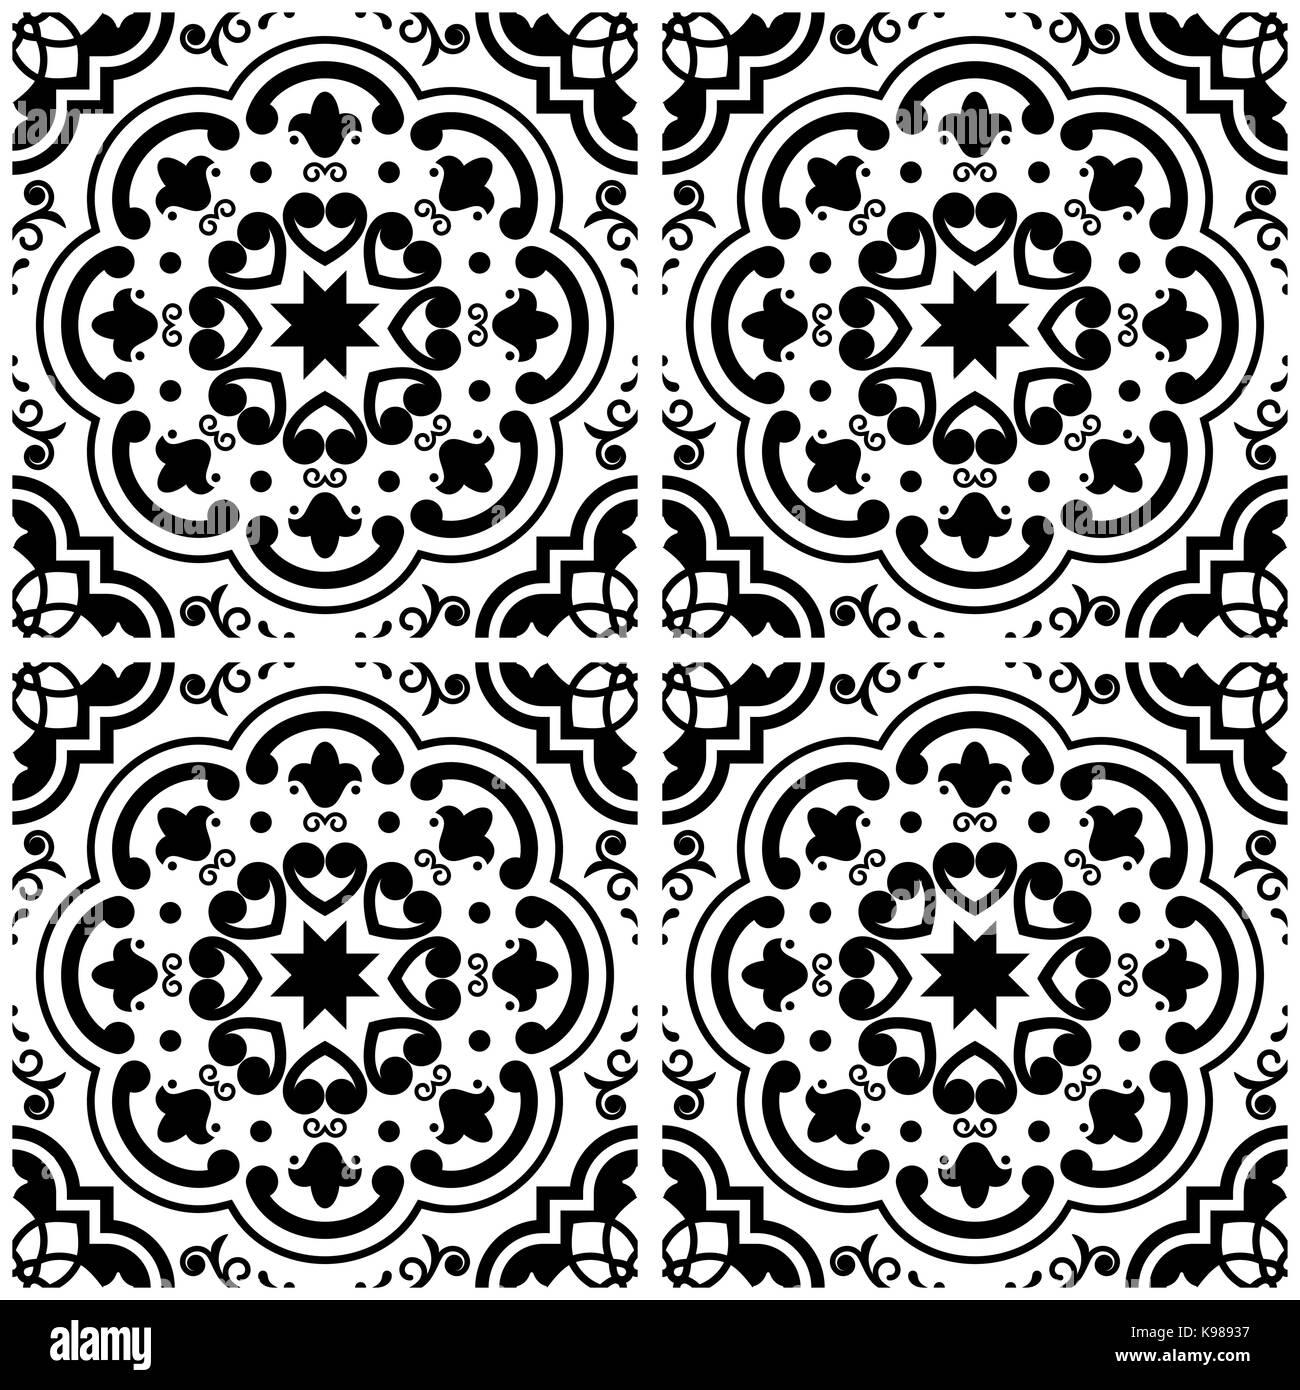 Azulejos Portugiesische Fliesen Muster, Lissabon Nahtlose Schwarzen Und  Weißen Fliesen, Vintage Geometrische Keramik